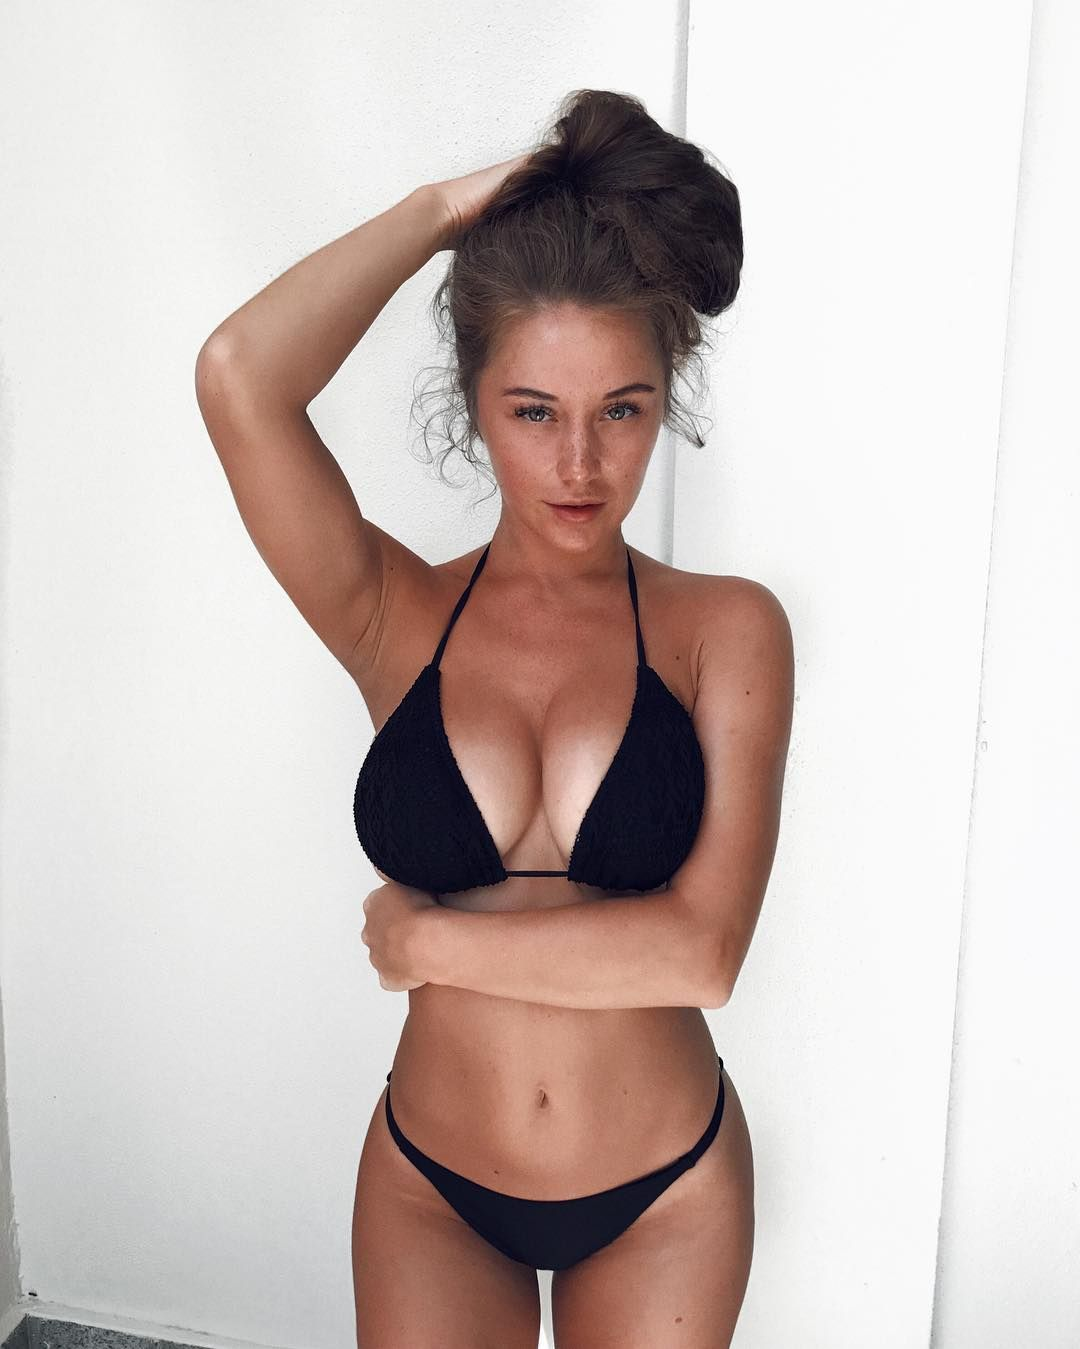 a7d1f3a45a Olga Katysheva (RUS) Daily Bikini, Bikini Babes, Hot Bikini, Bikini Girls